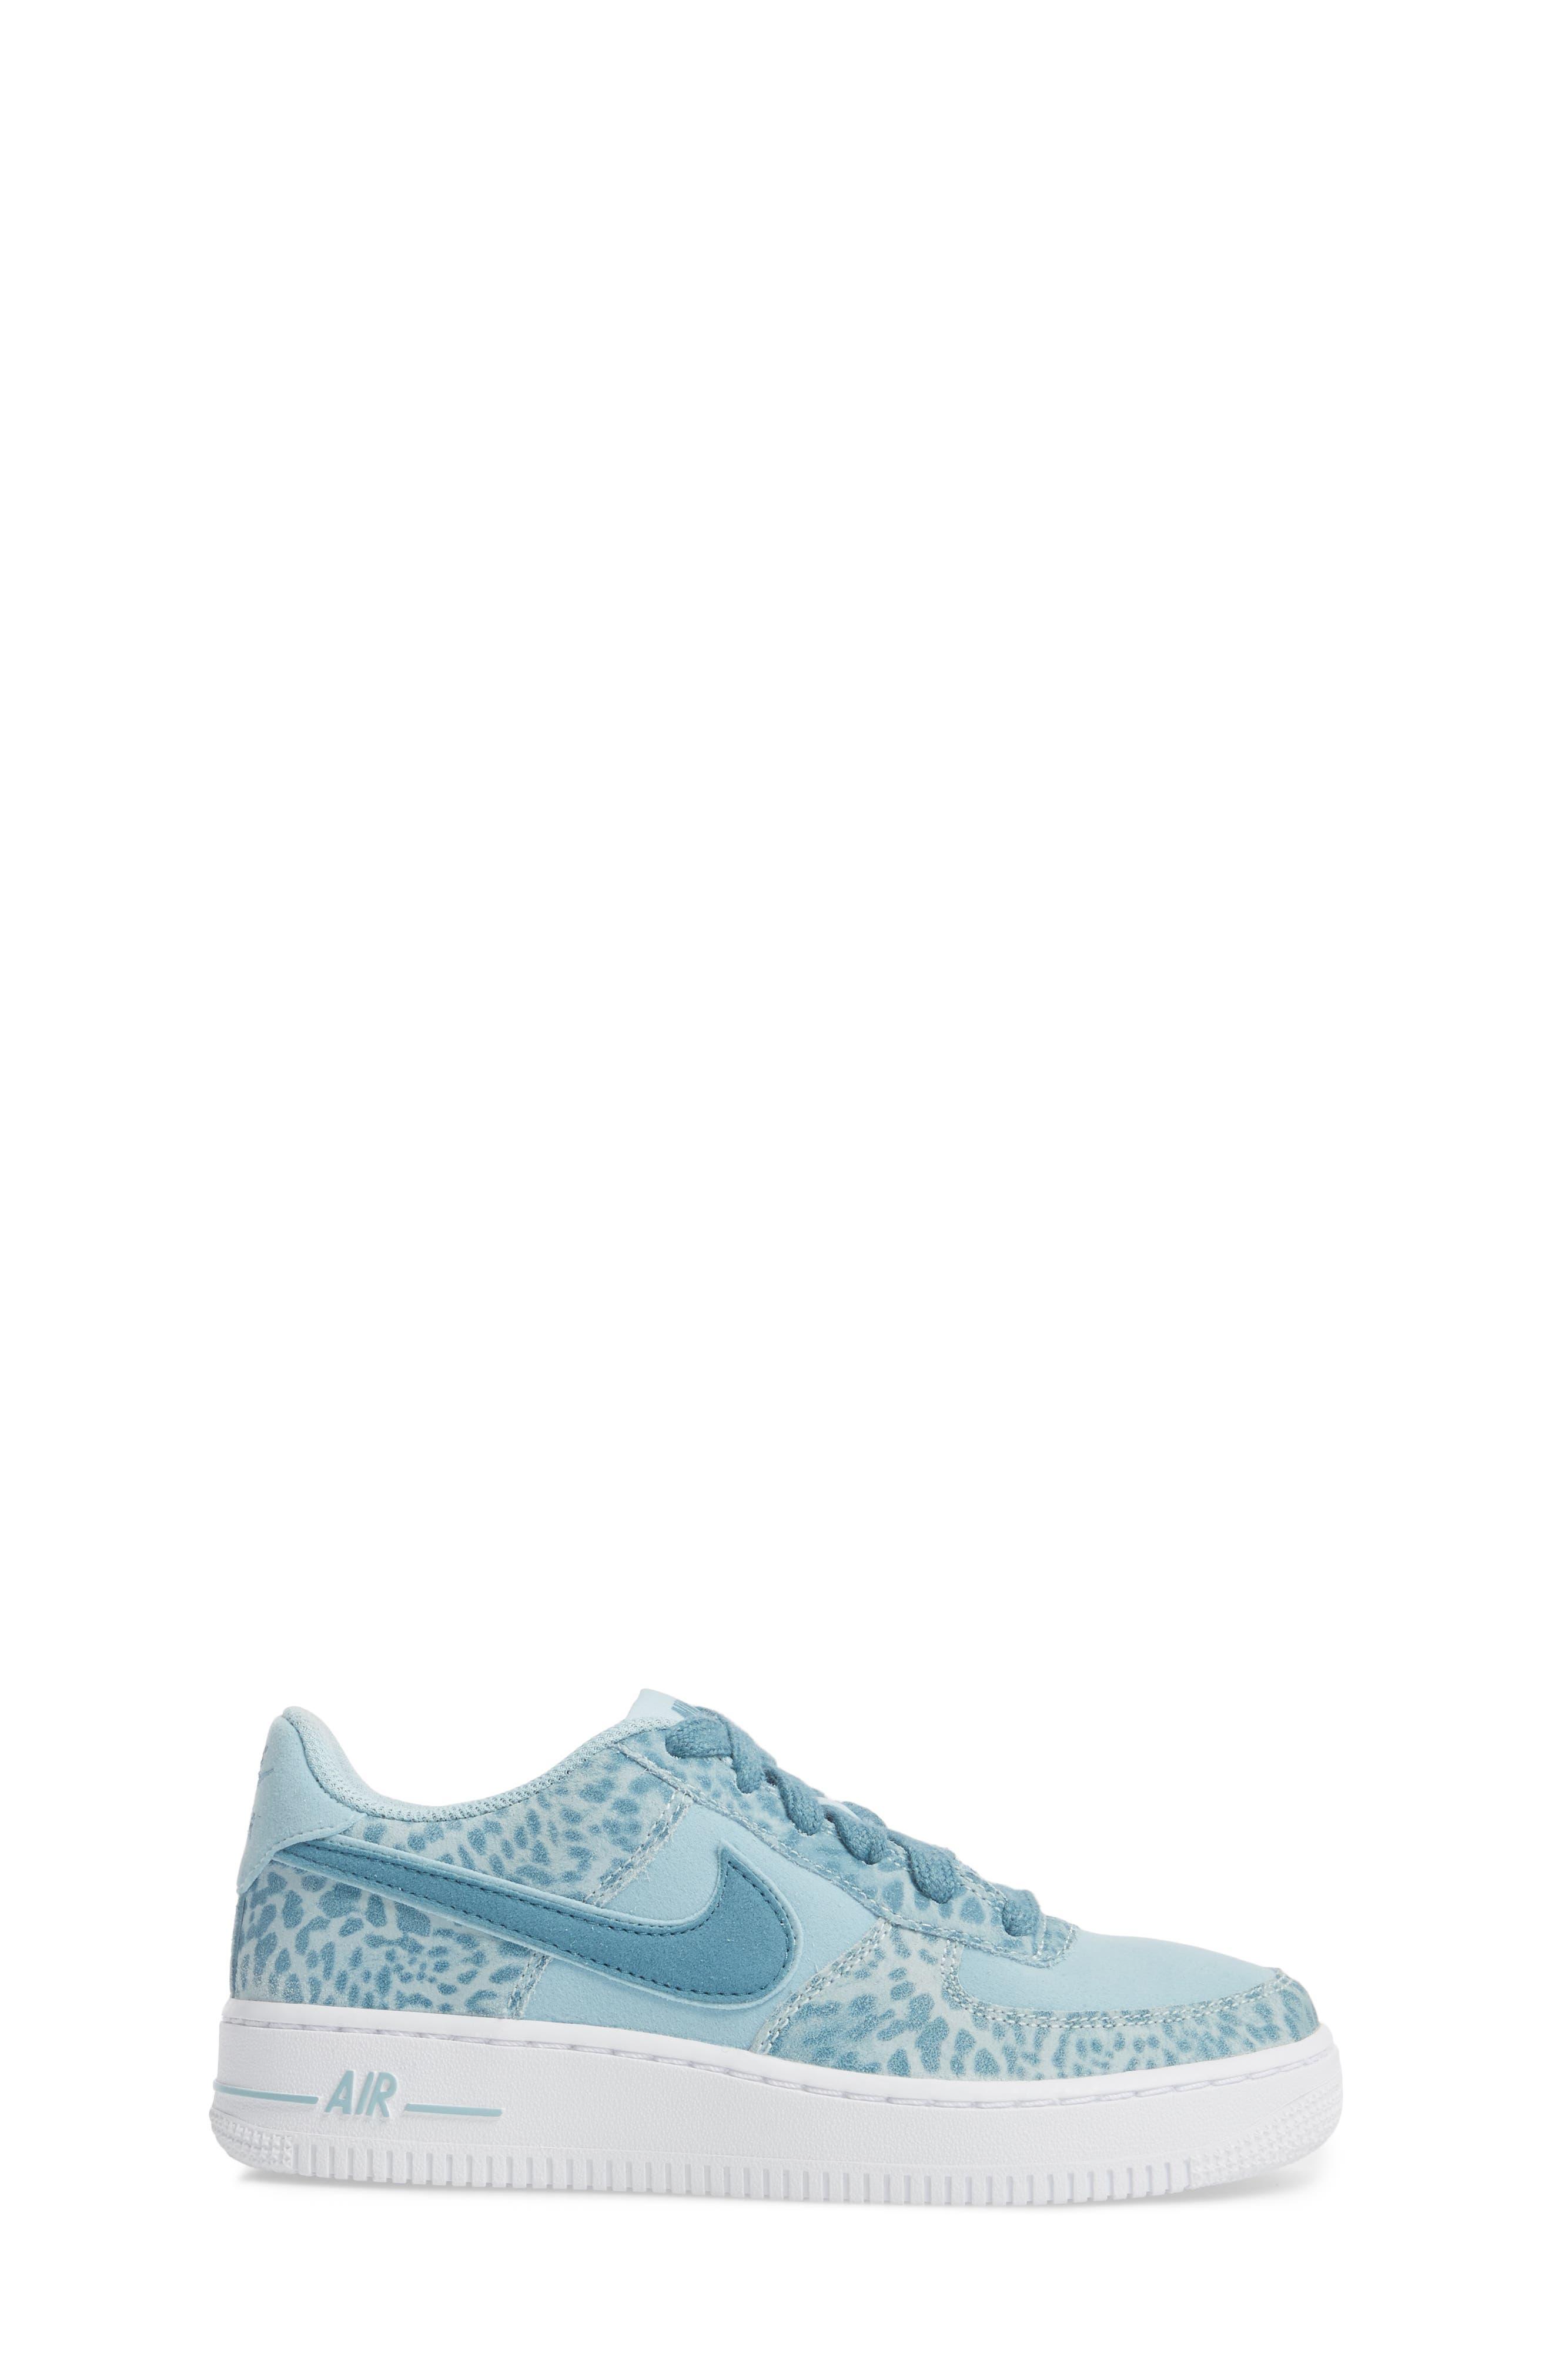 Air Force 1 LV8 Sneaker,                             Alternate thumbnail 3, color,                             Ocean Bliss/ Noise Aqua/ White